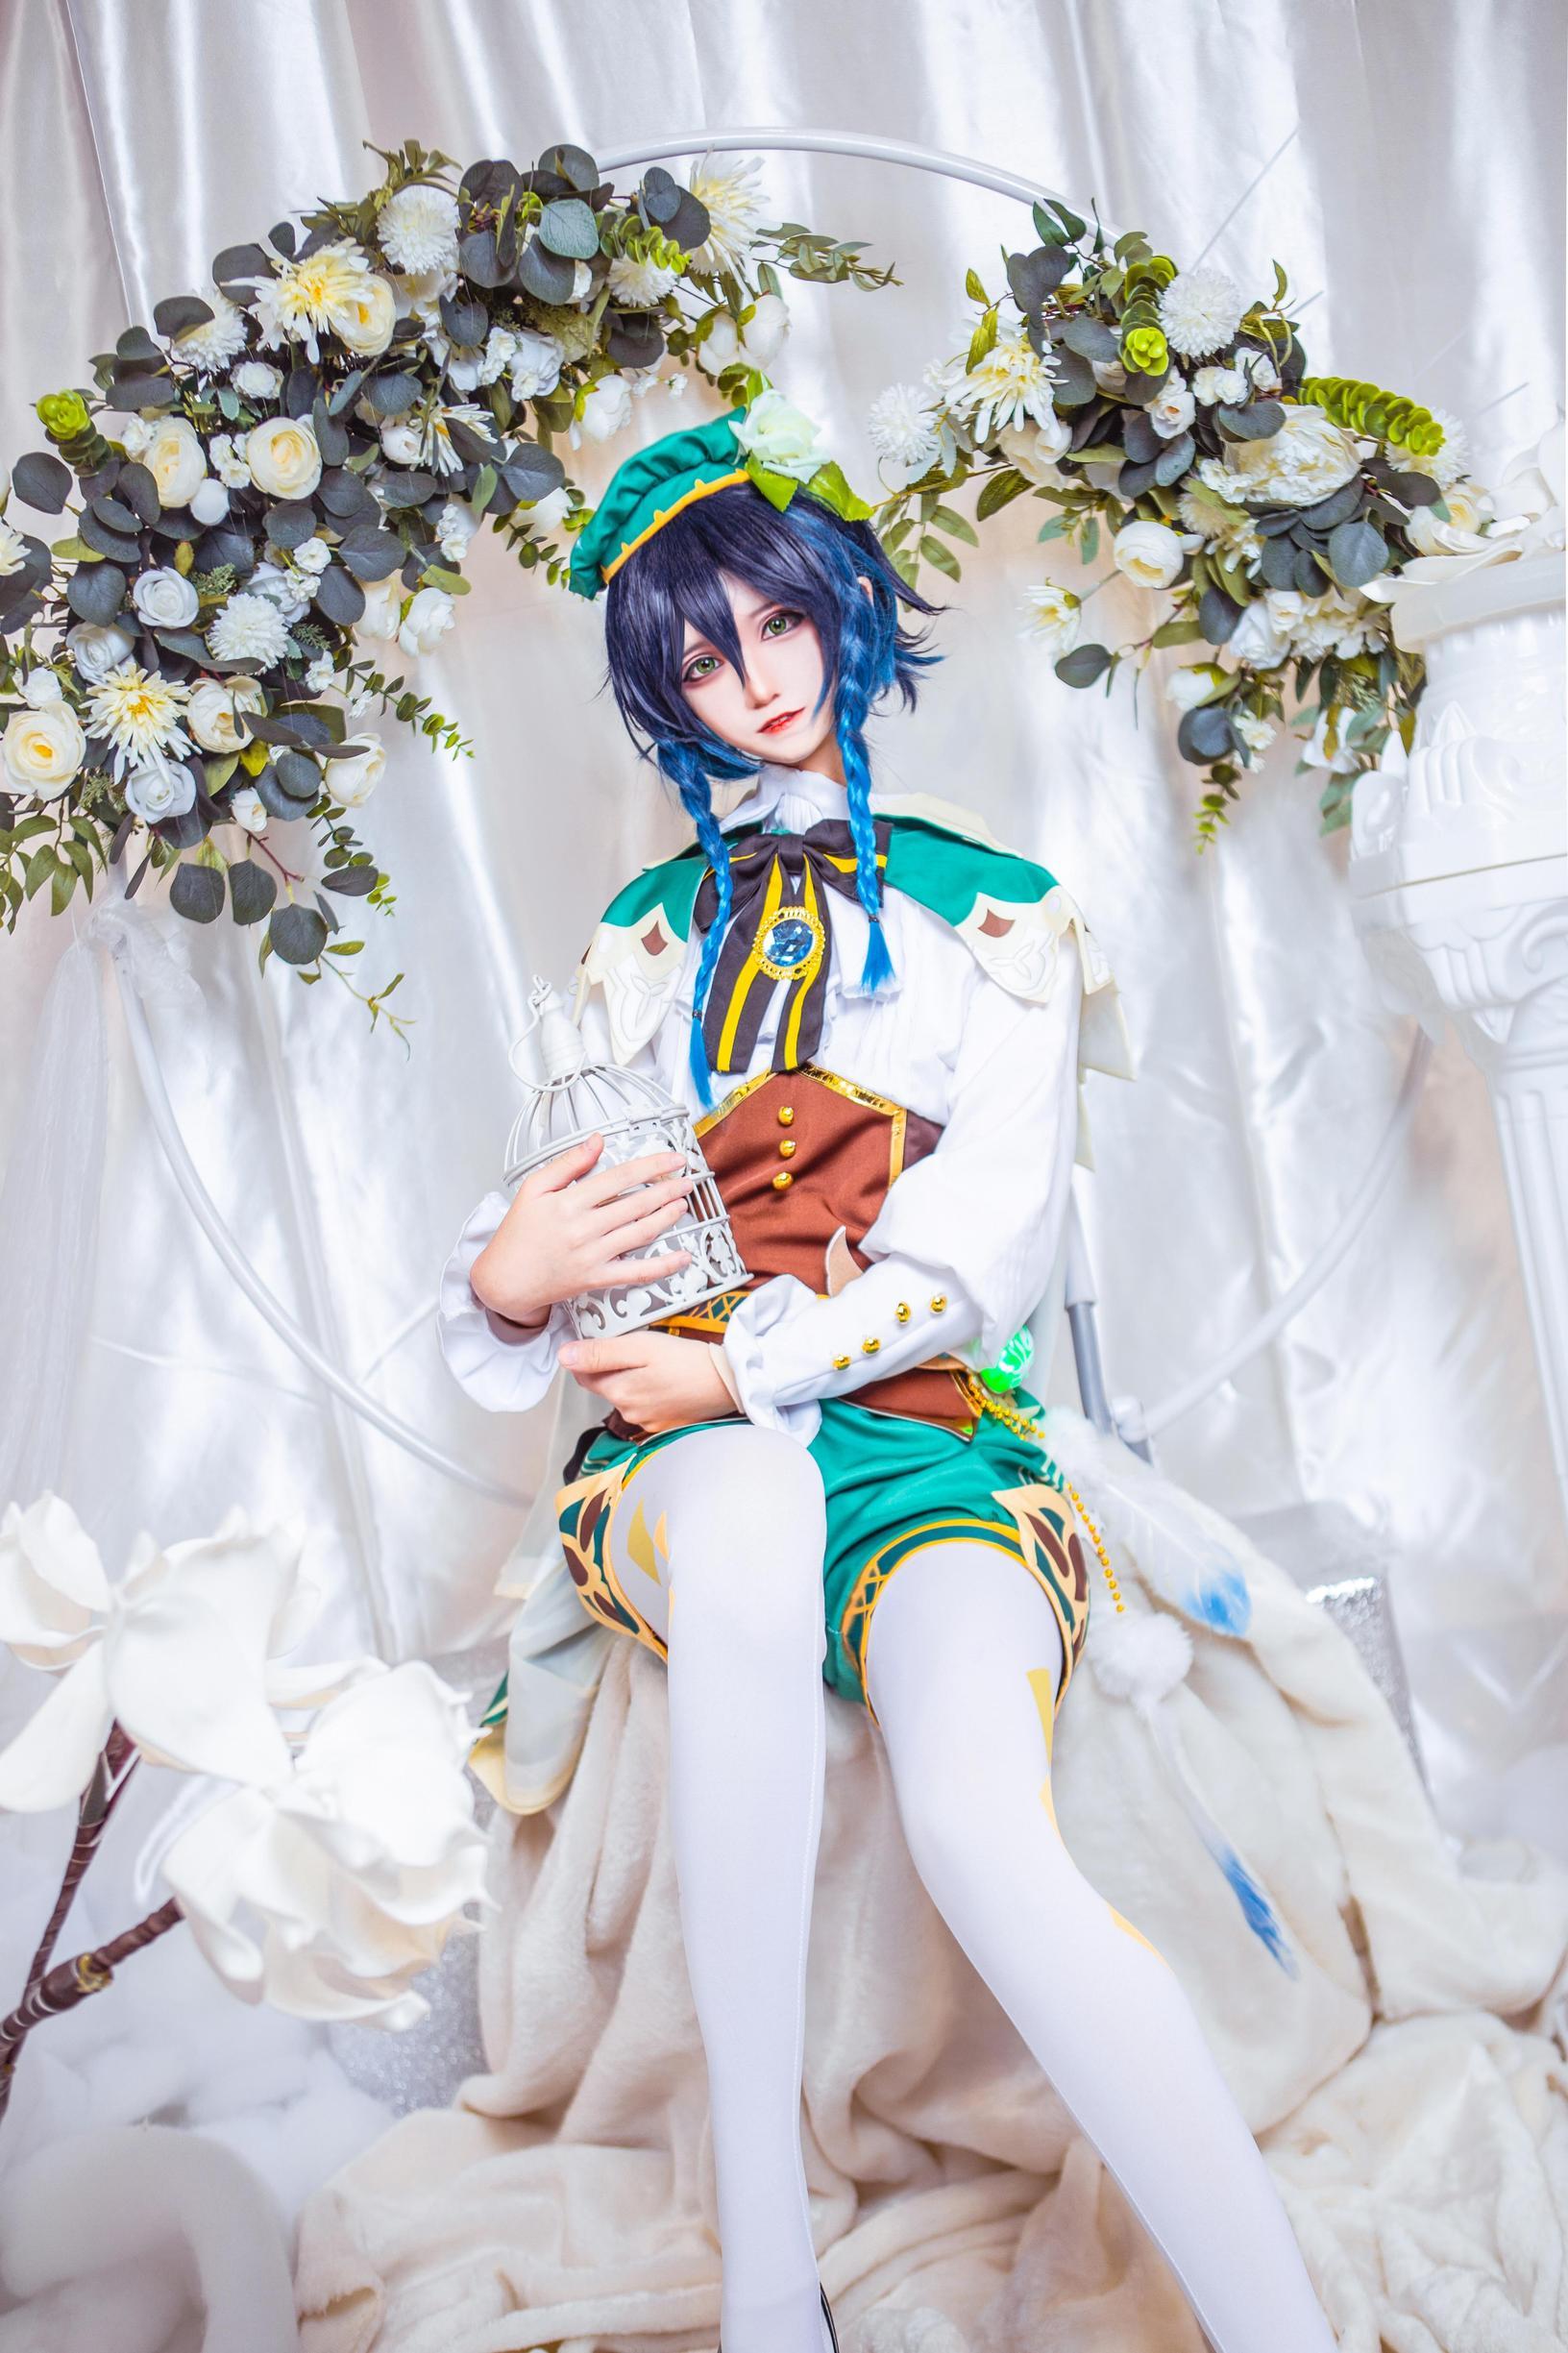 《原神》巴巴托斯cosplay【CN:南千鲤Akirui】-第5张